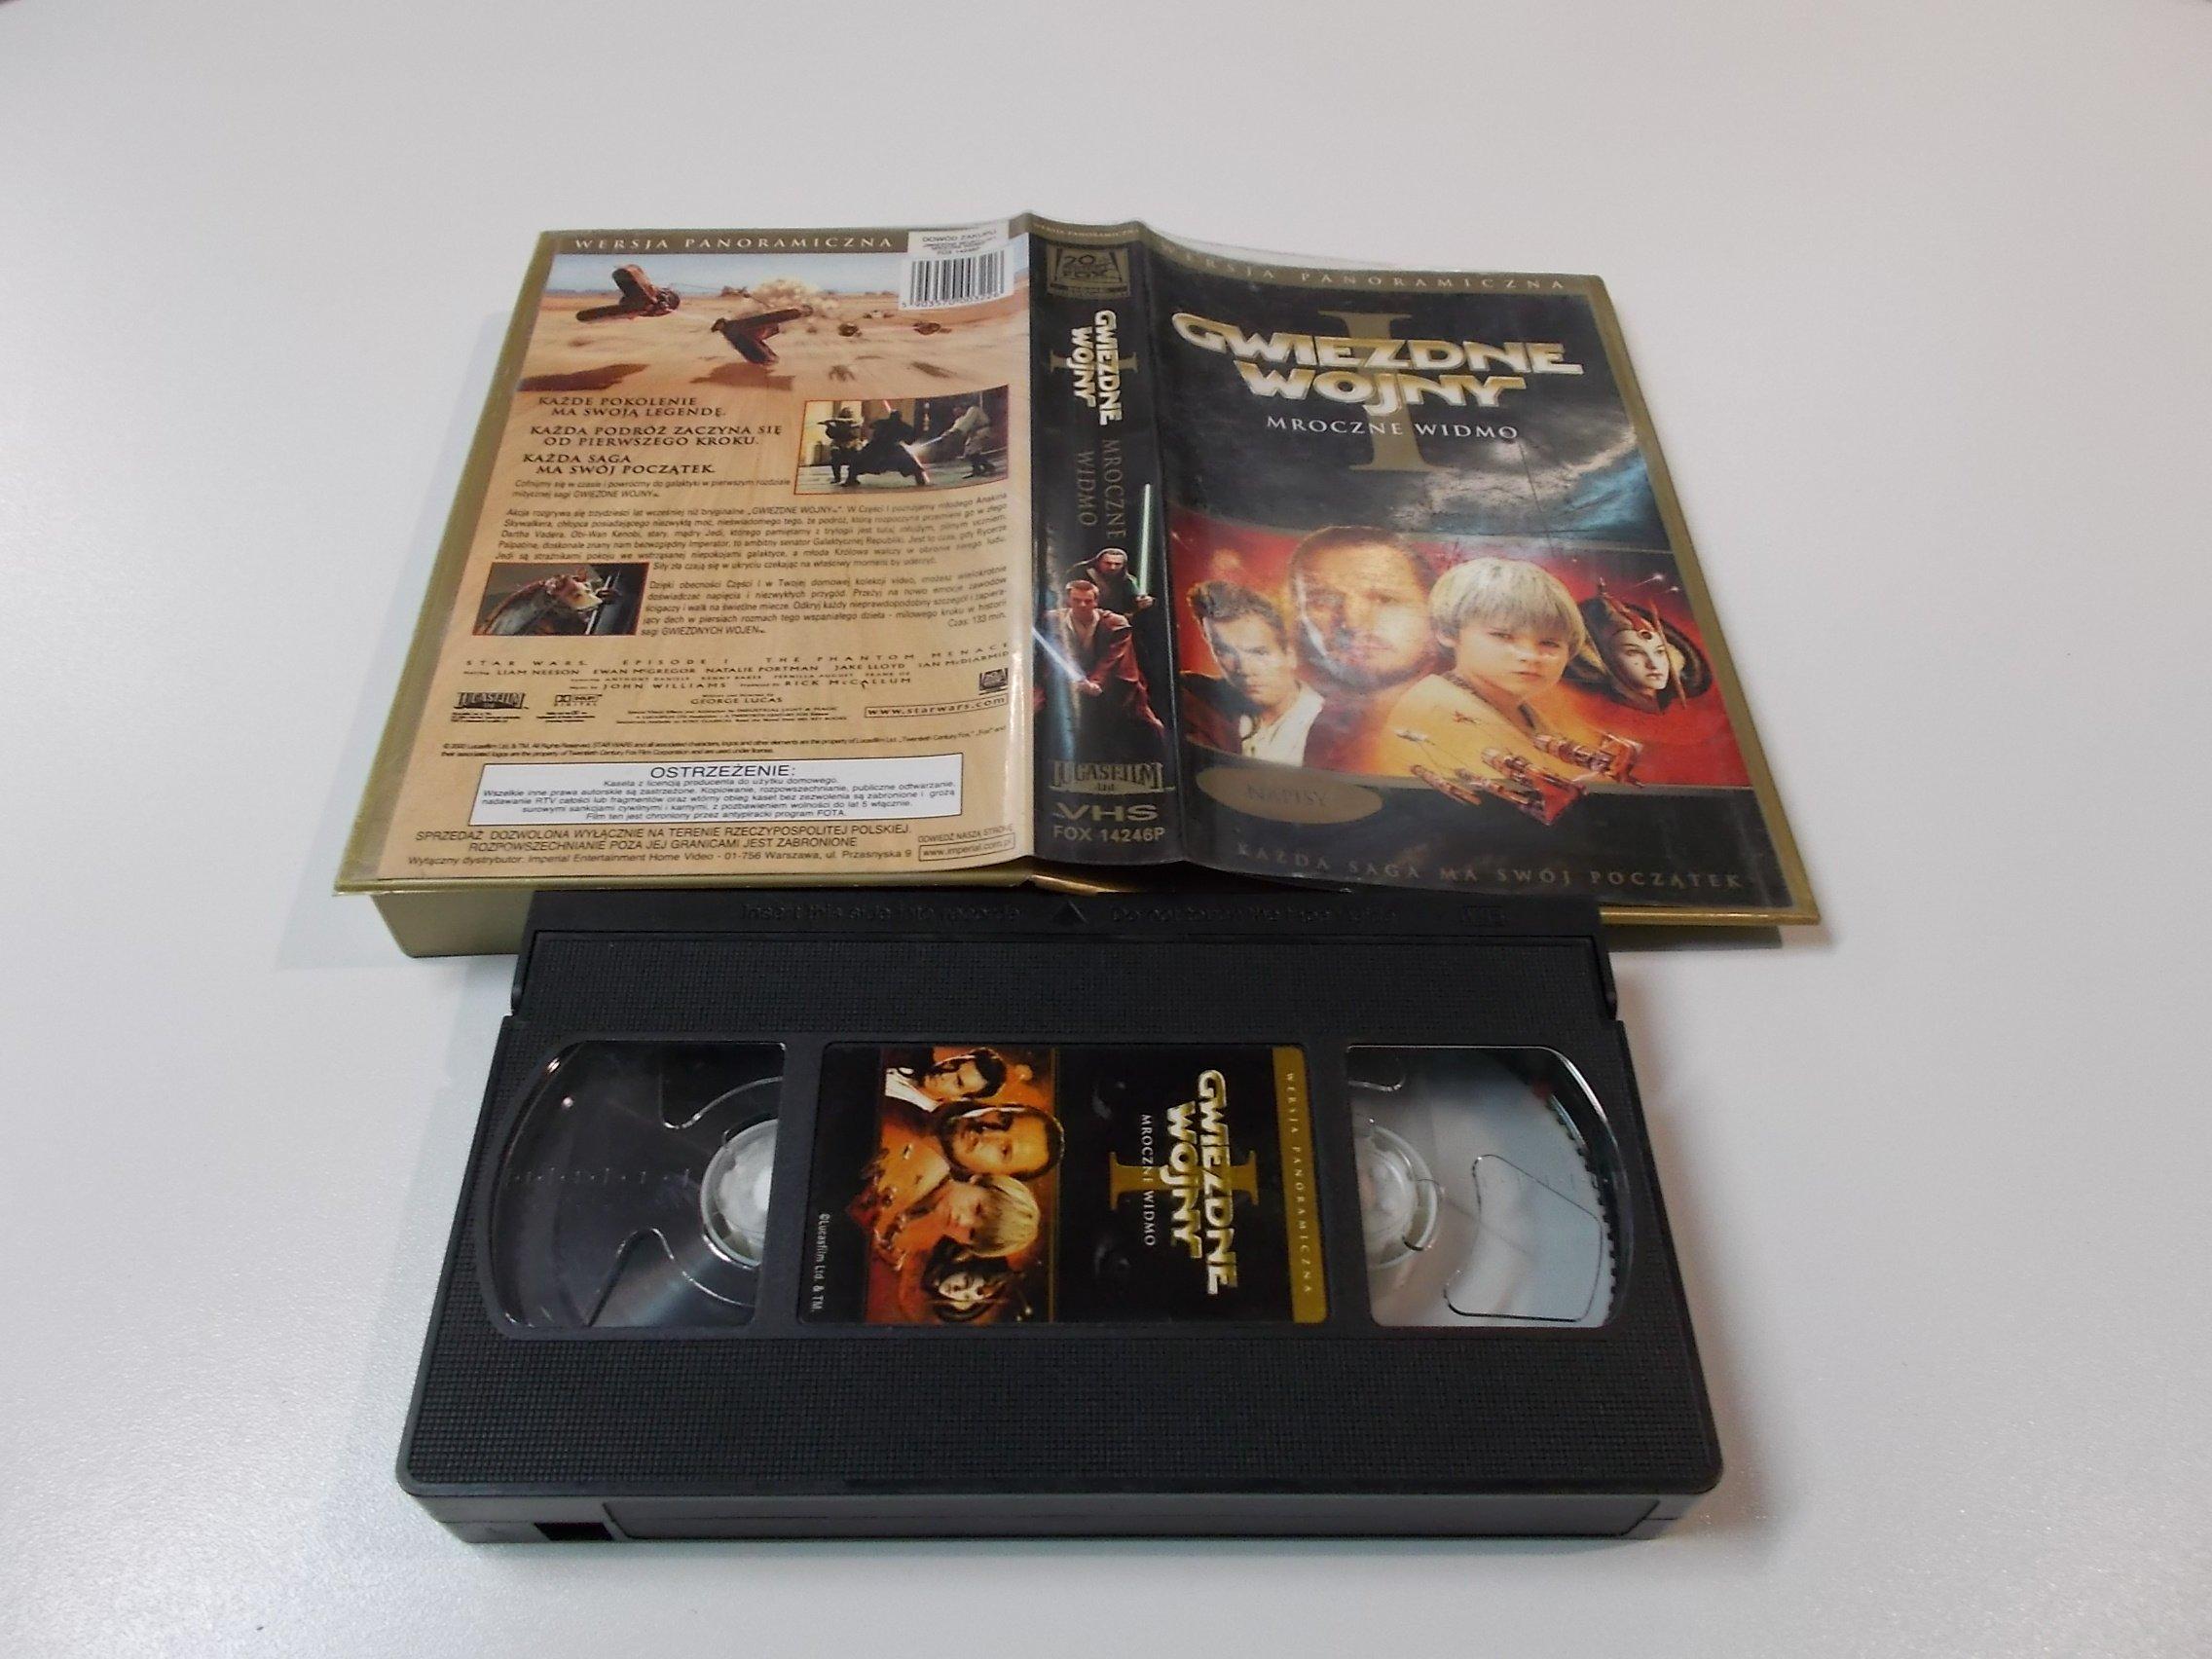 GWIEZDNE WOJNY MROCZNE WIDMO - Kaseta Video VHS - Opole 1494